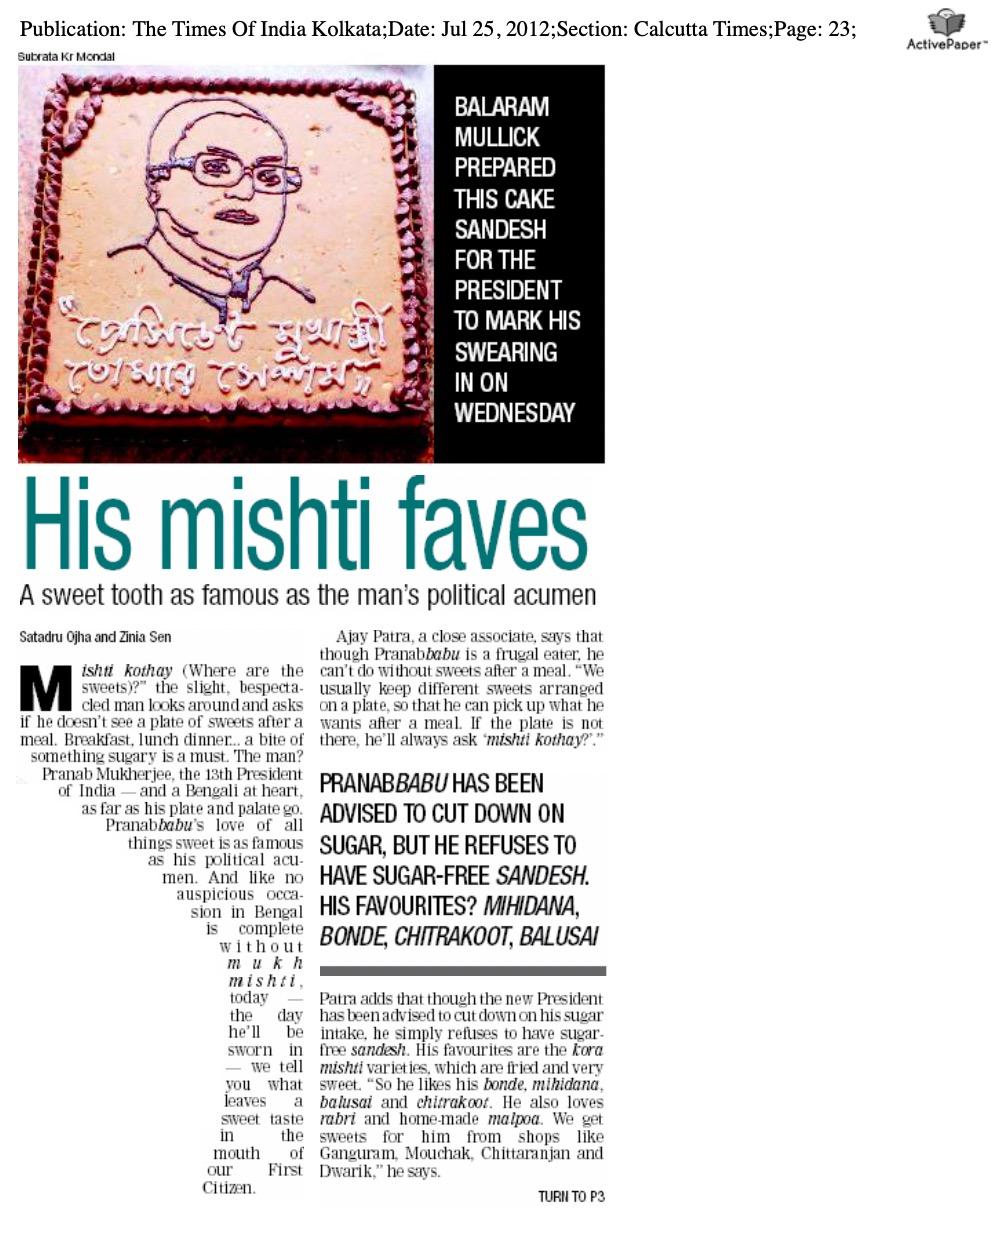 Article - His mishti faves